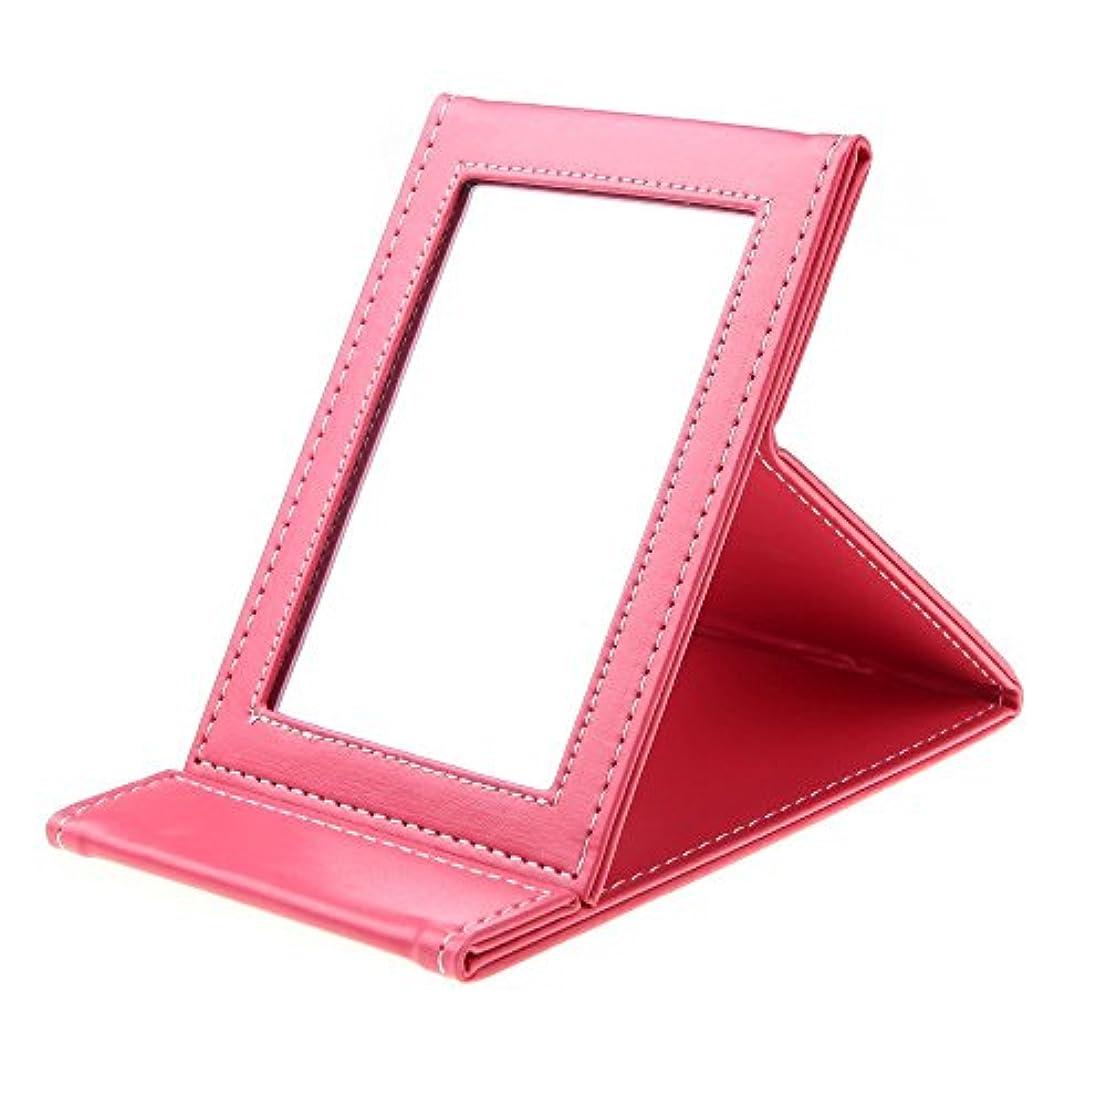 のヒープ有効化言うまでもなくSODIAL 多機能折り畳み式ポータブル化粧メーキャップミラー 旅行用(ピンク)